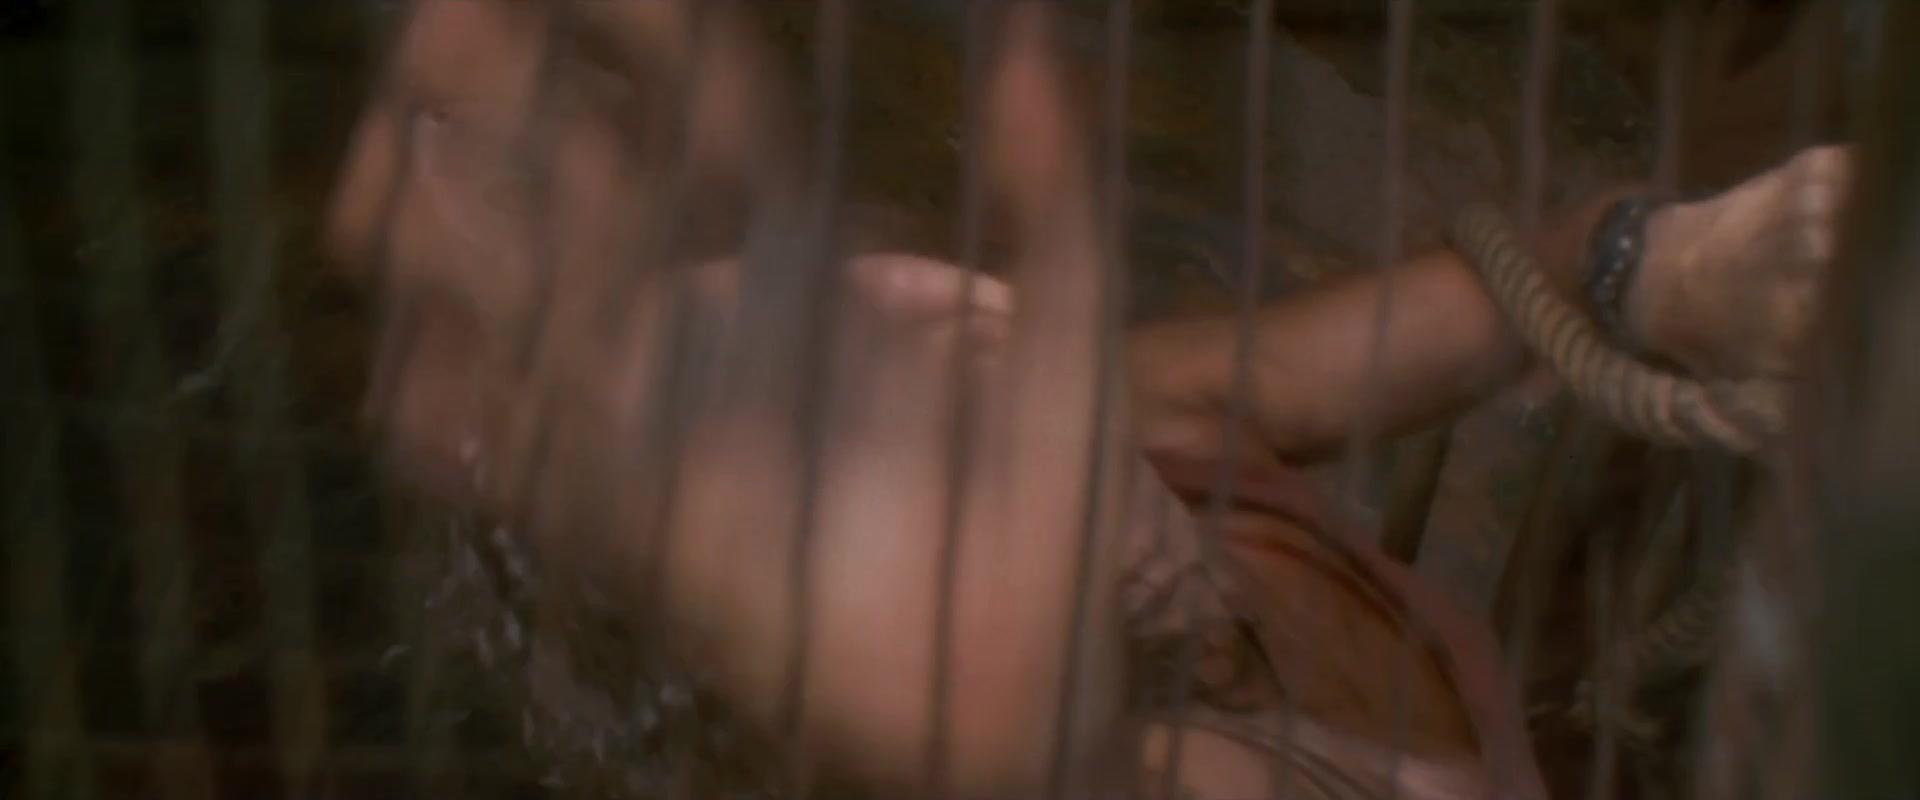 seks-filme-anakonda-porno-konchit-v-zhenu-onlayn